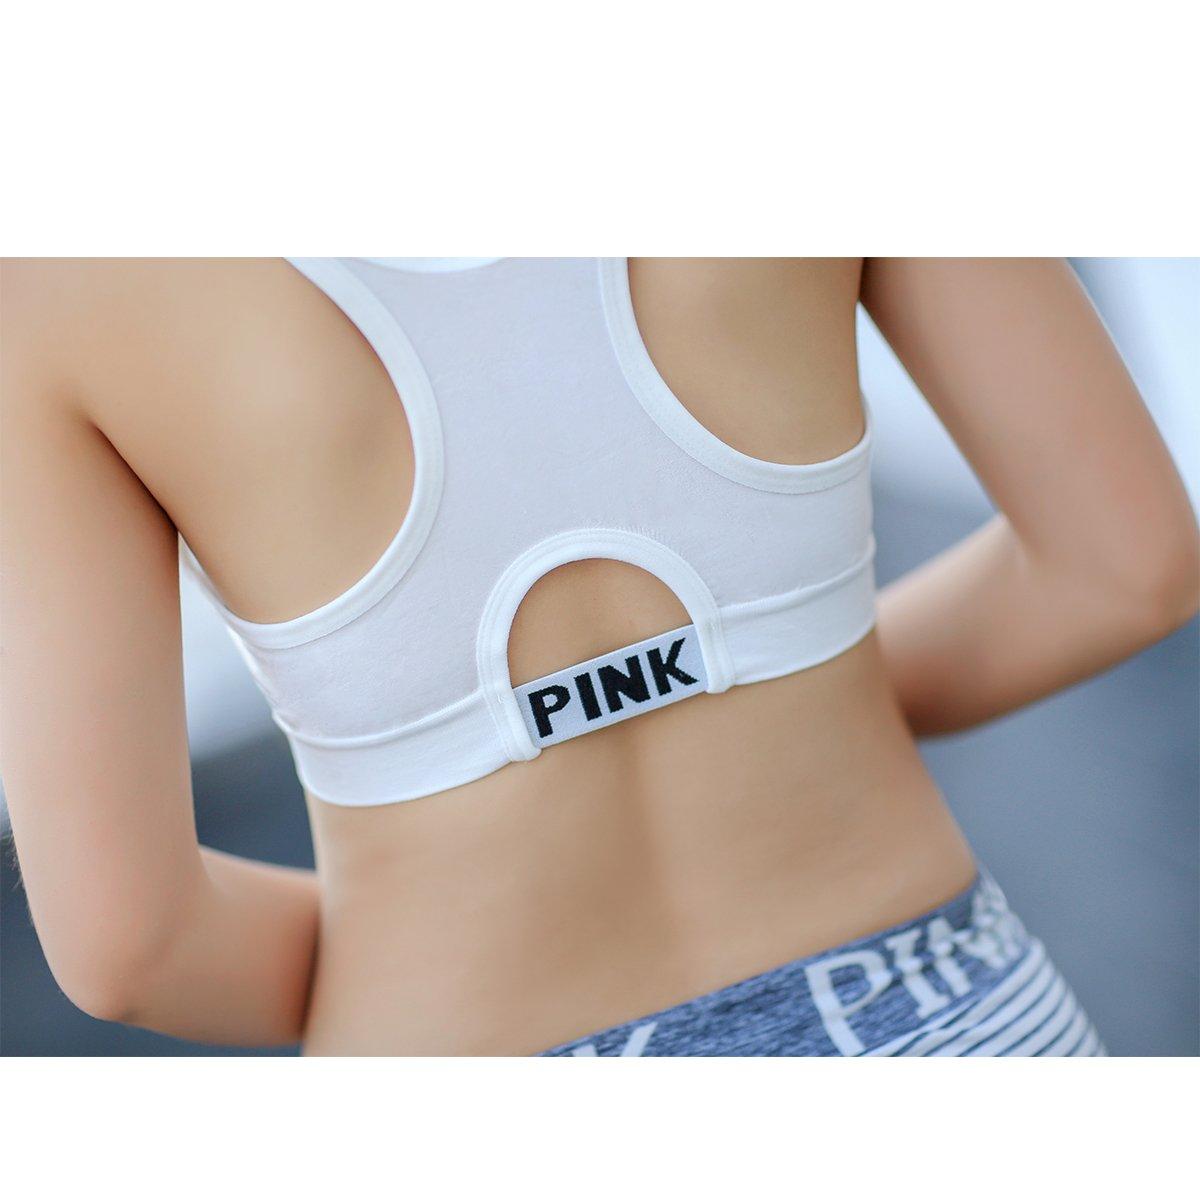 LuFeng Womens Racerback Sports Bras Fitness Support Workout Running Yoga Bras LF60-1